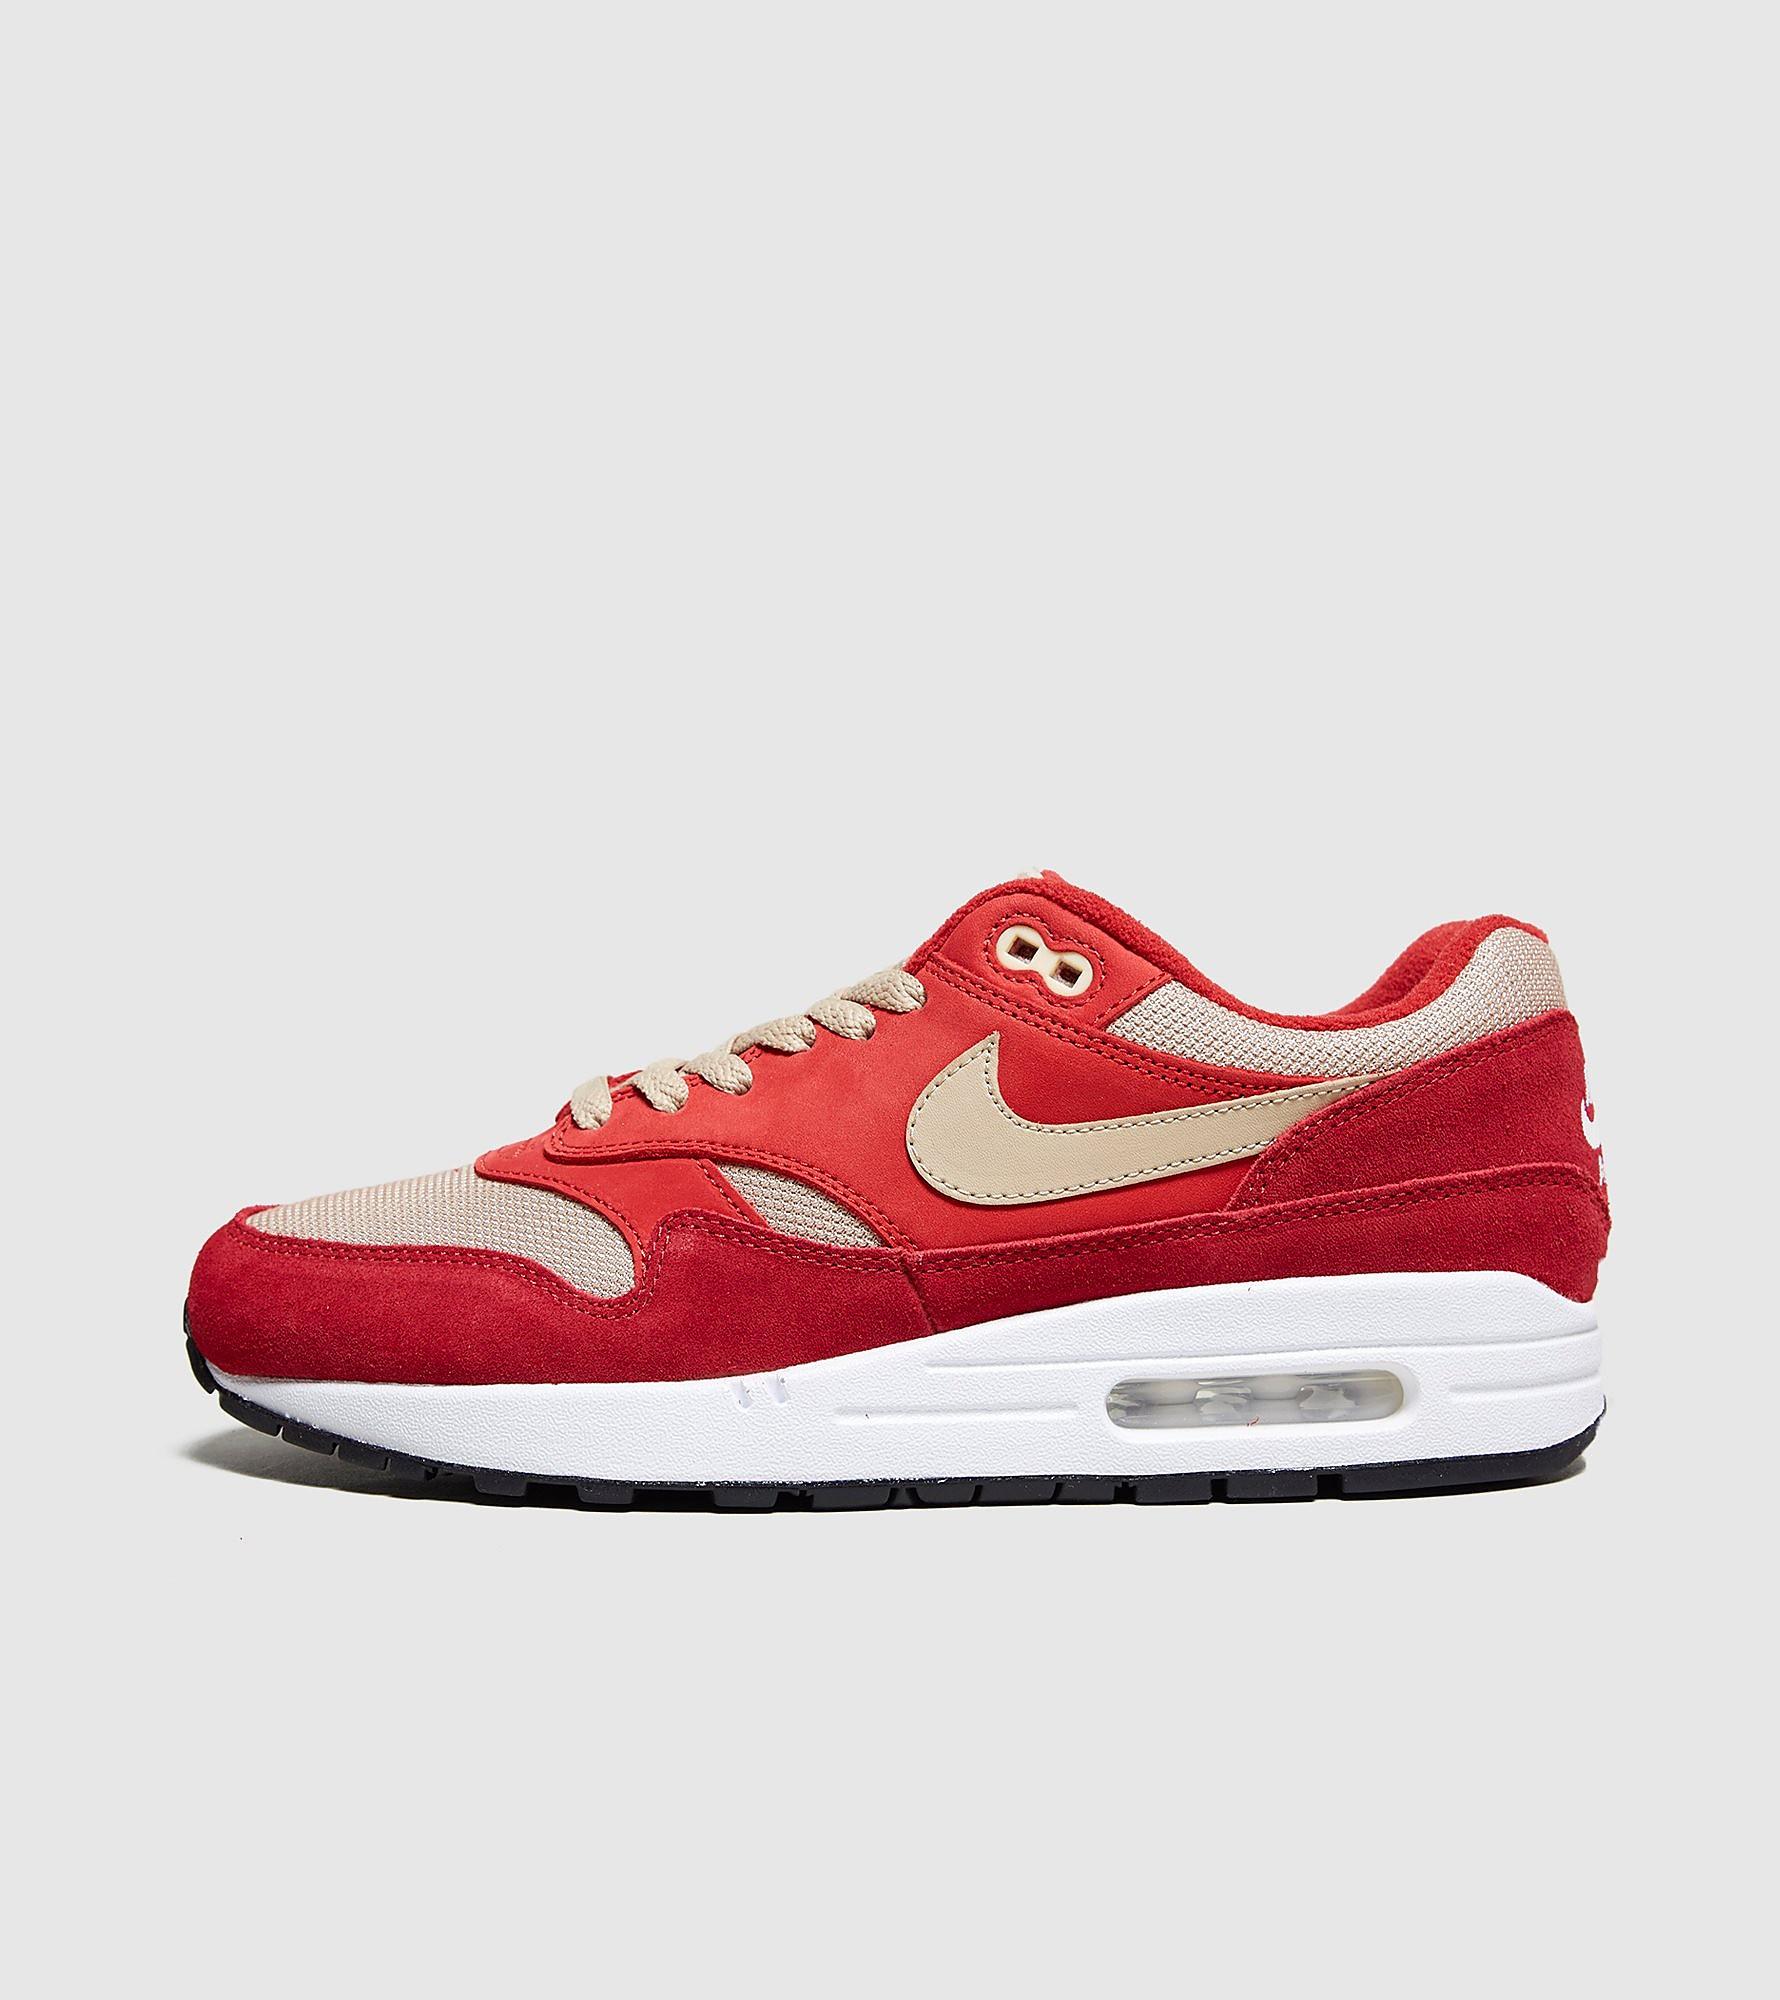 Nike Air Max 1 Premium QS, Red